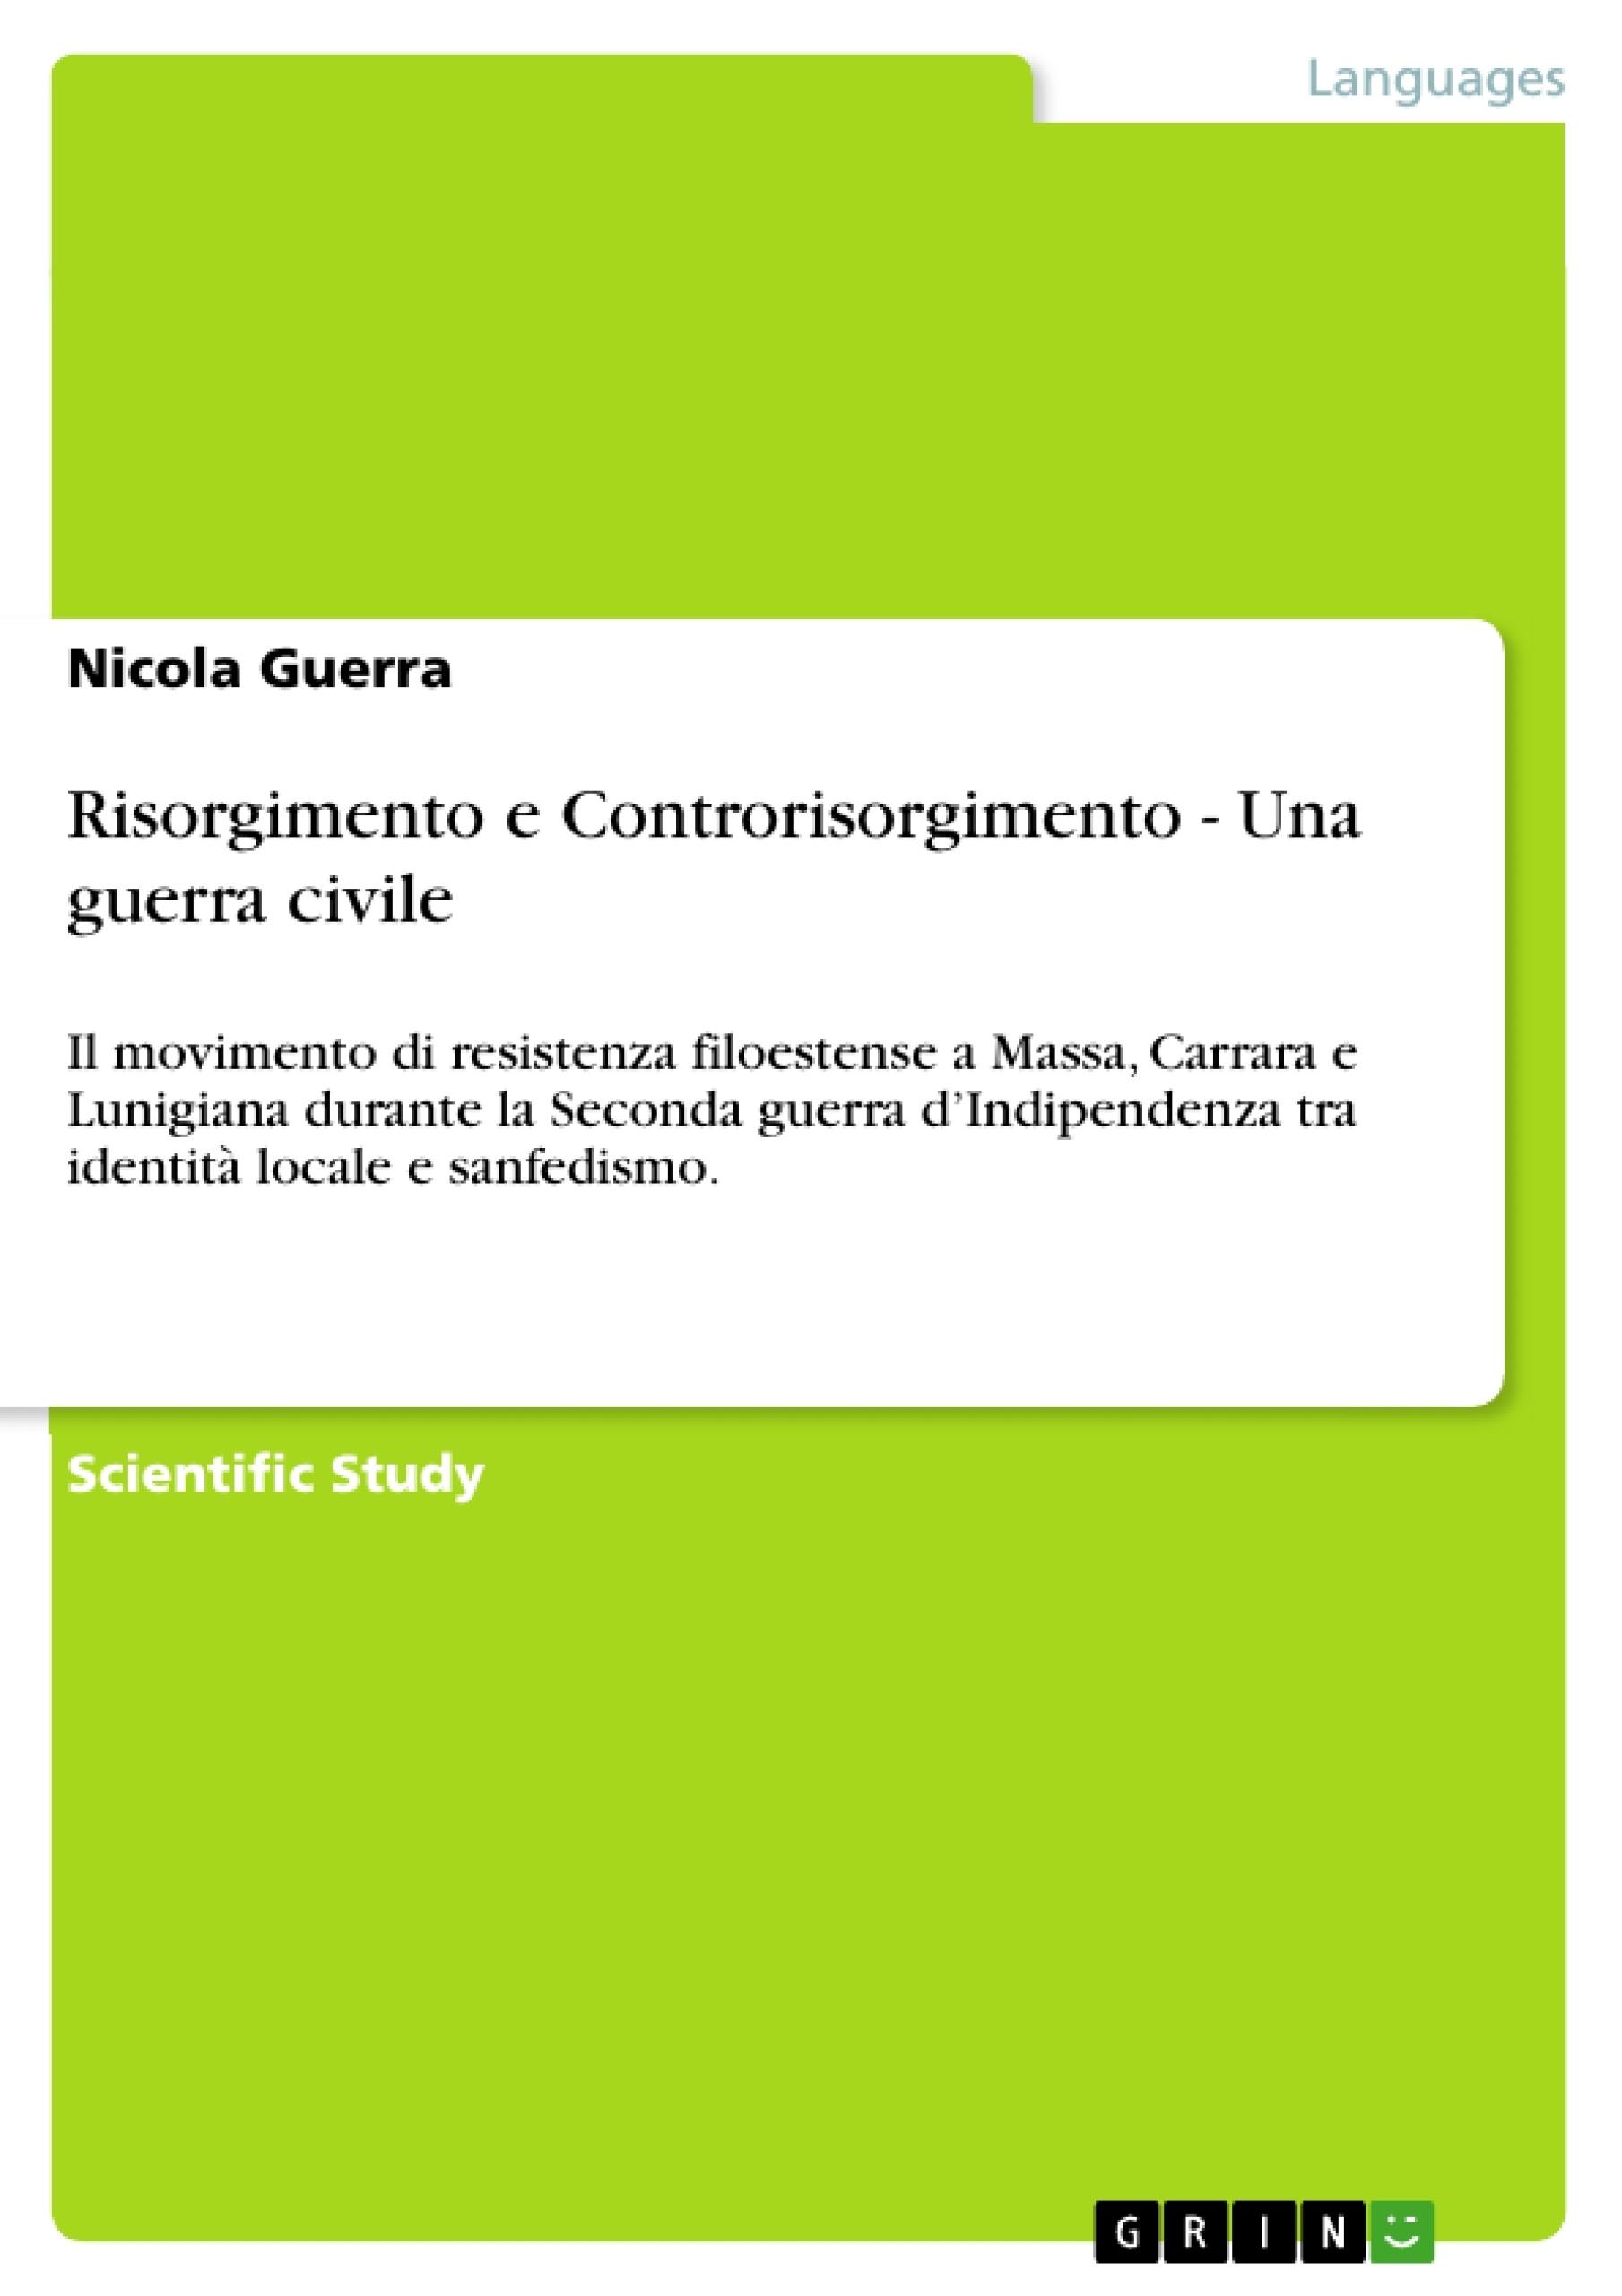 Title: Risorgimento e Controrisorgimento - Una guerra civile